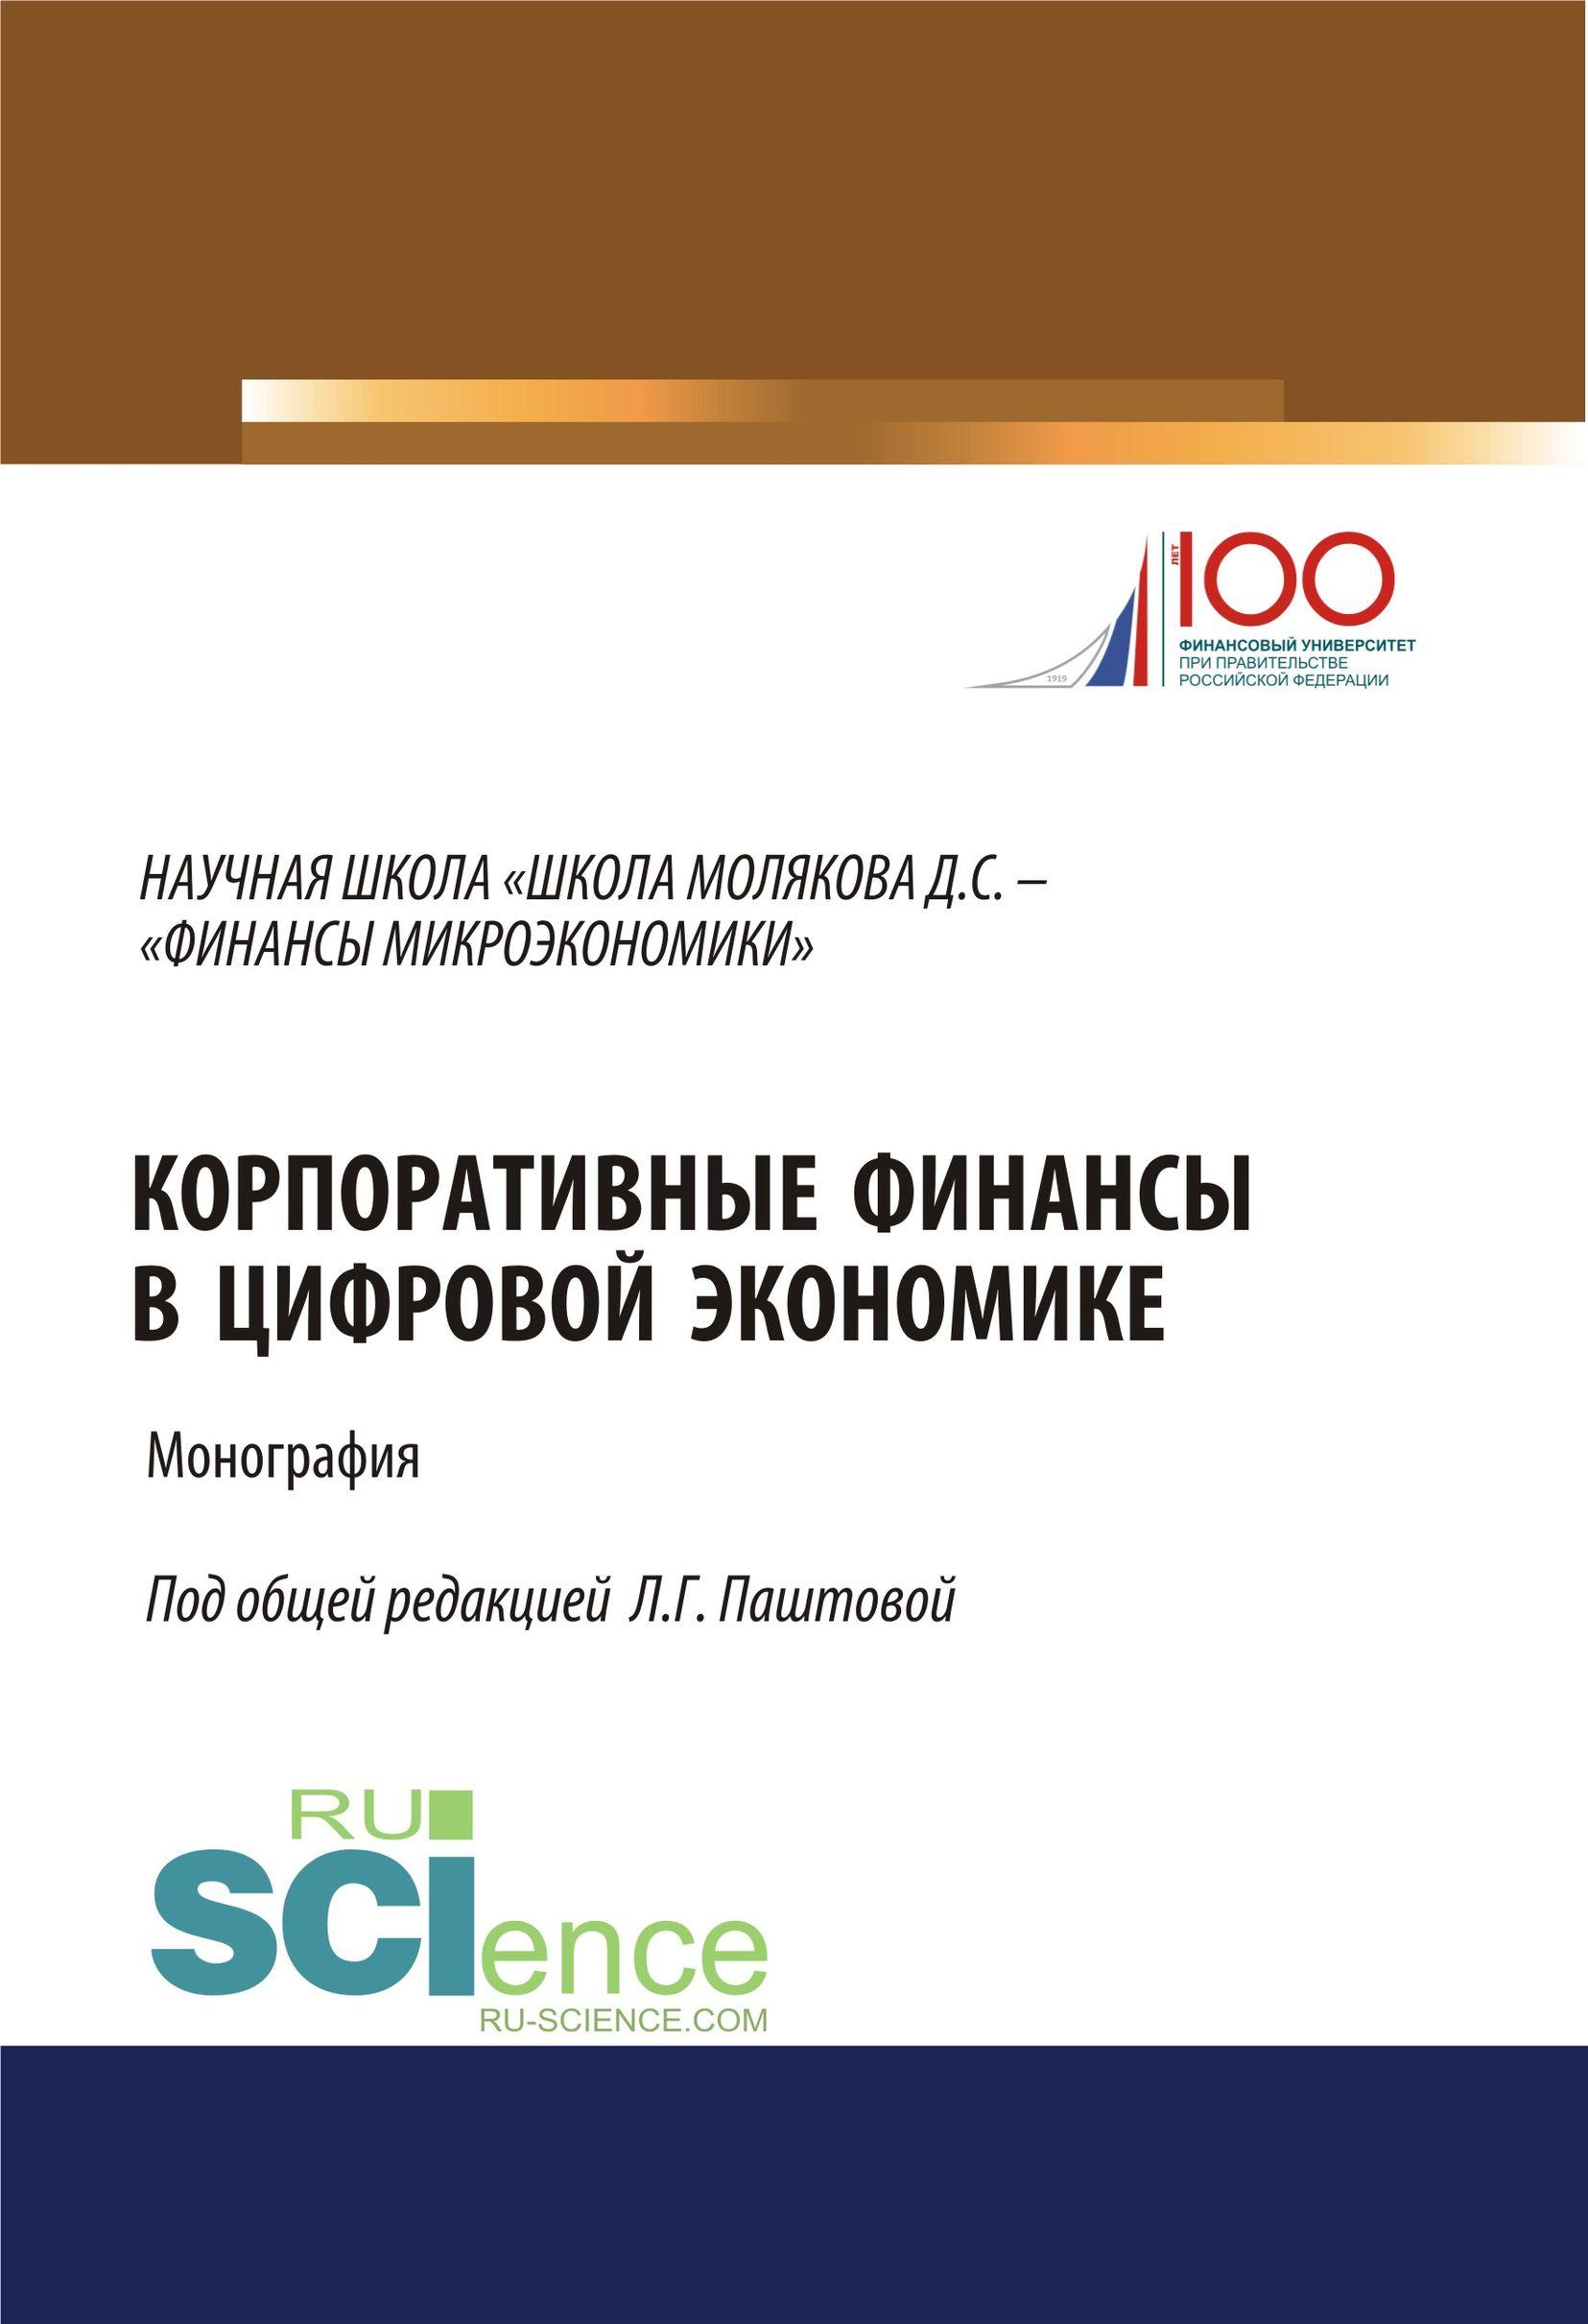 Коллектив авторов Корпоративные финансы в цифровой экономике